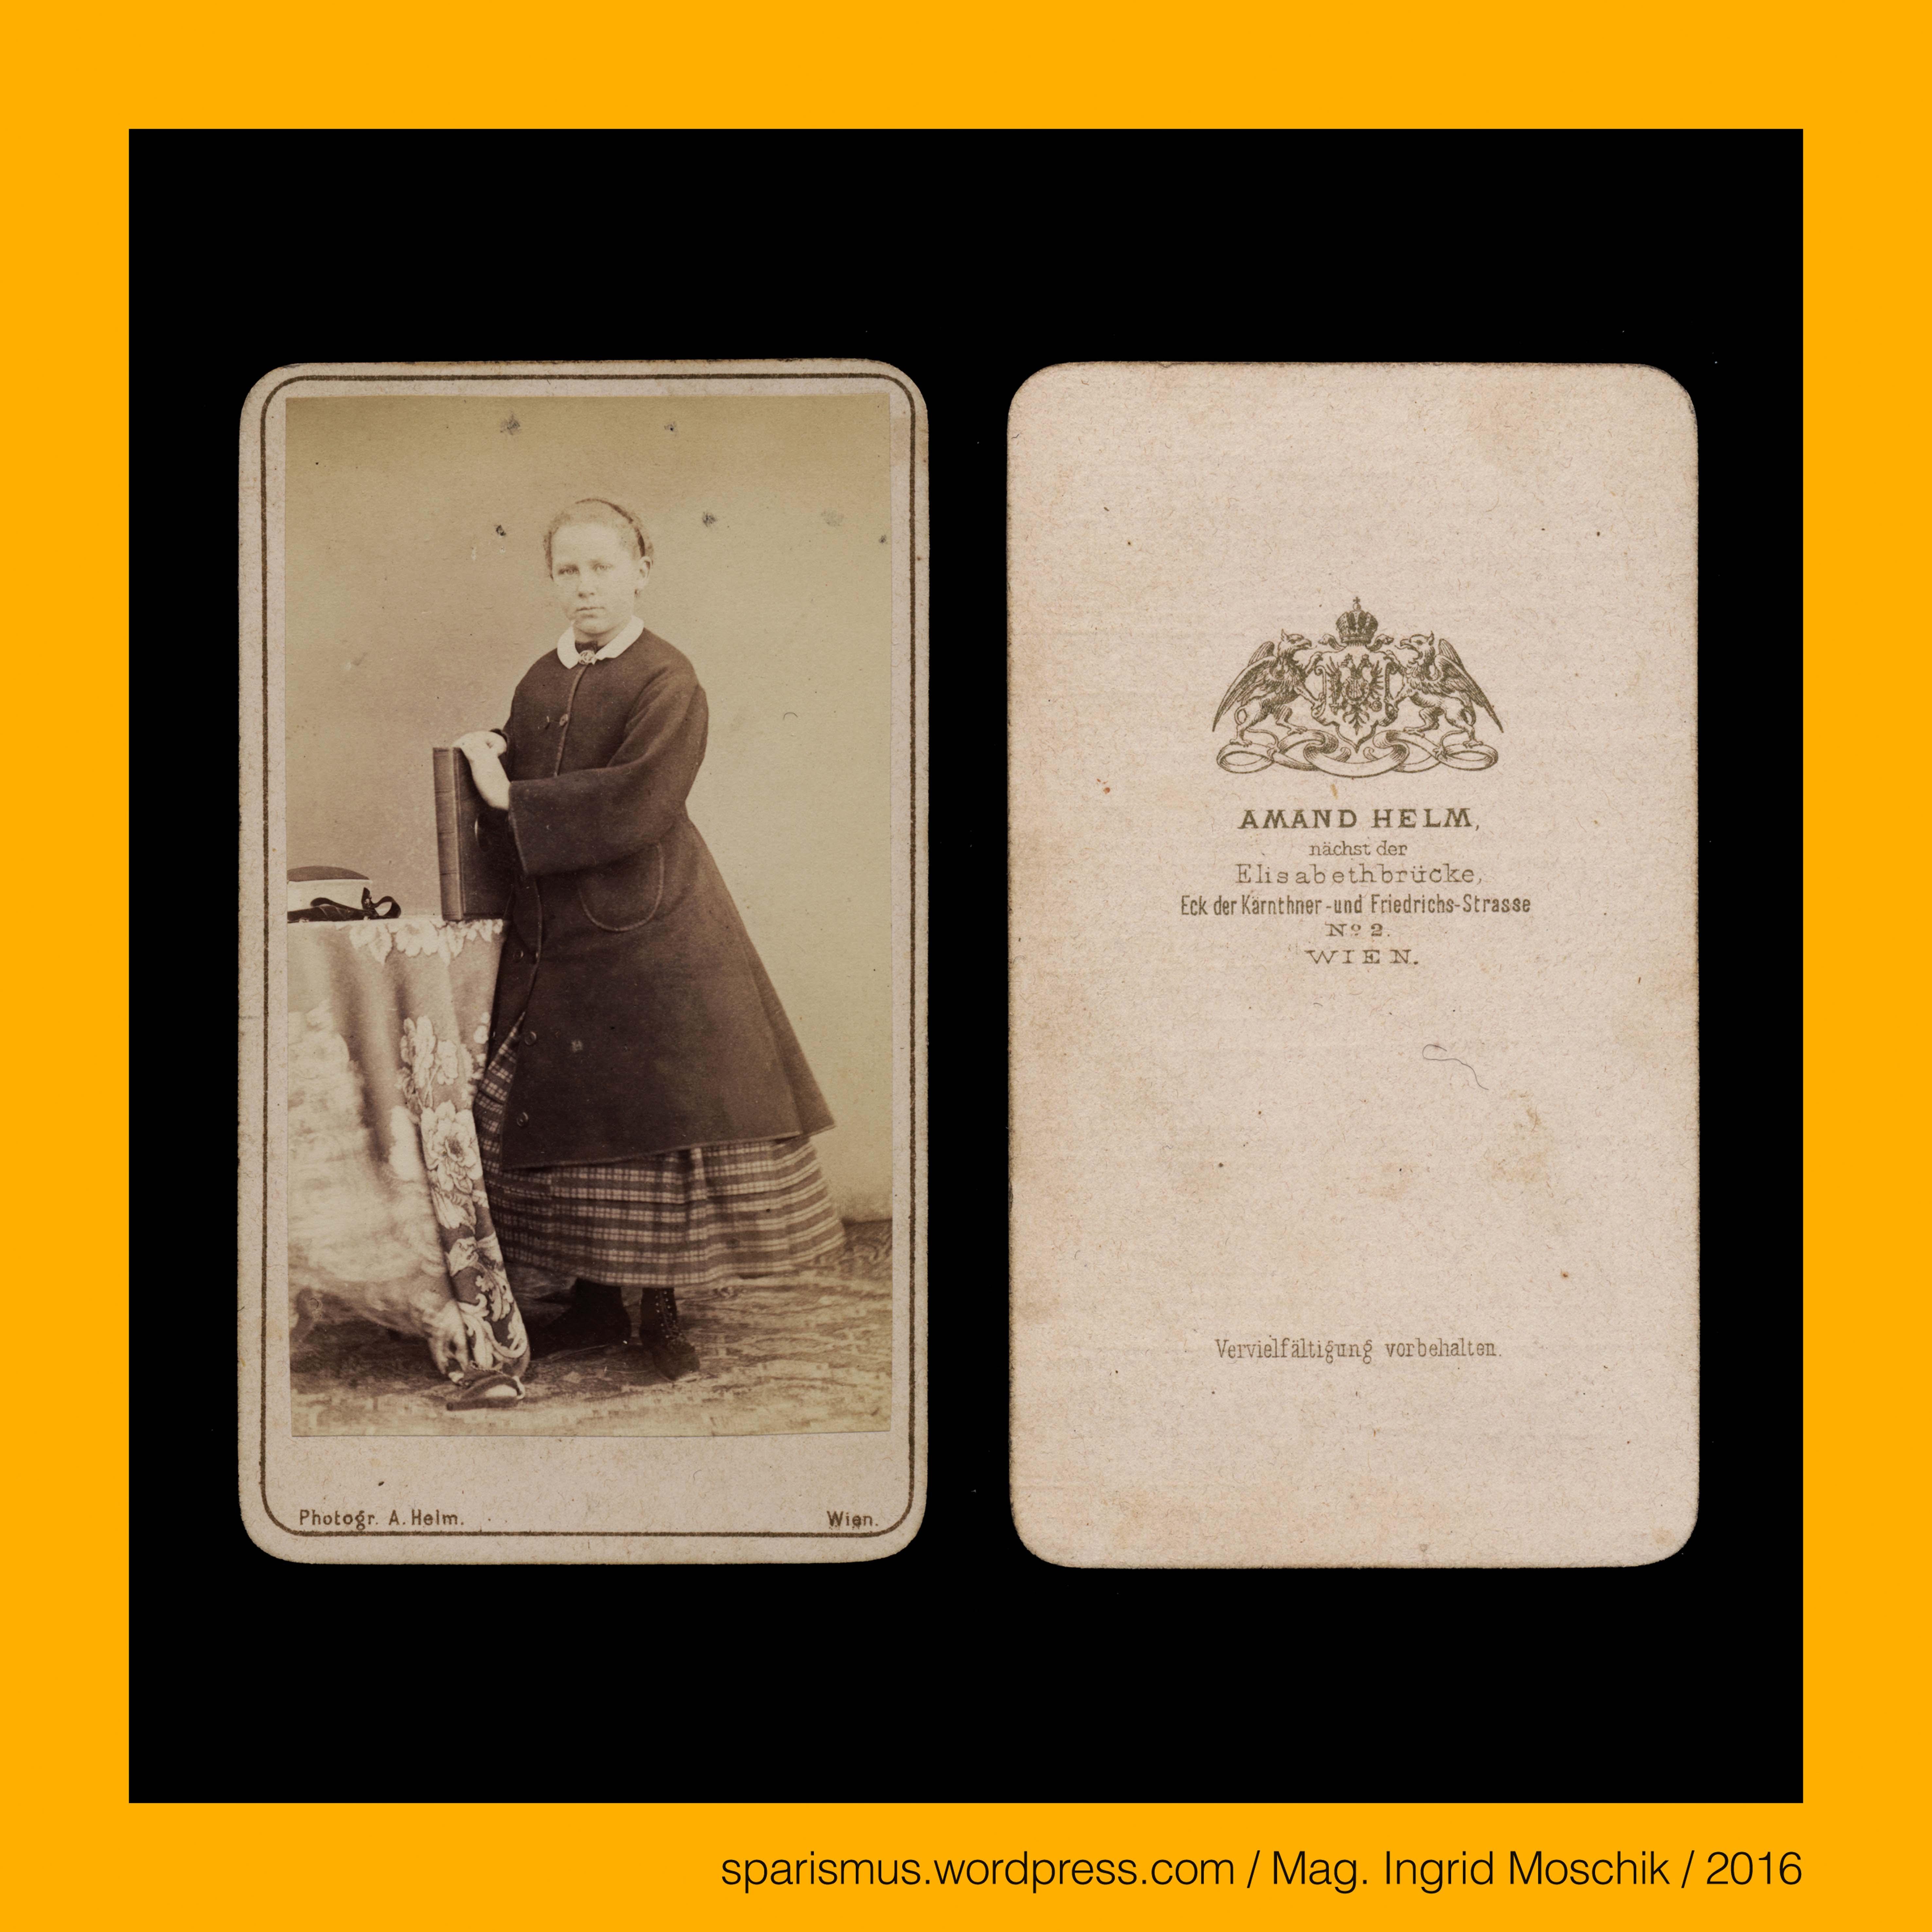 Amand Helm, Fotograf in #Wien, cdv, um 1870, stehendes Mädchen an ...